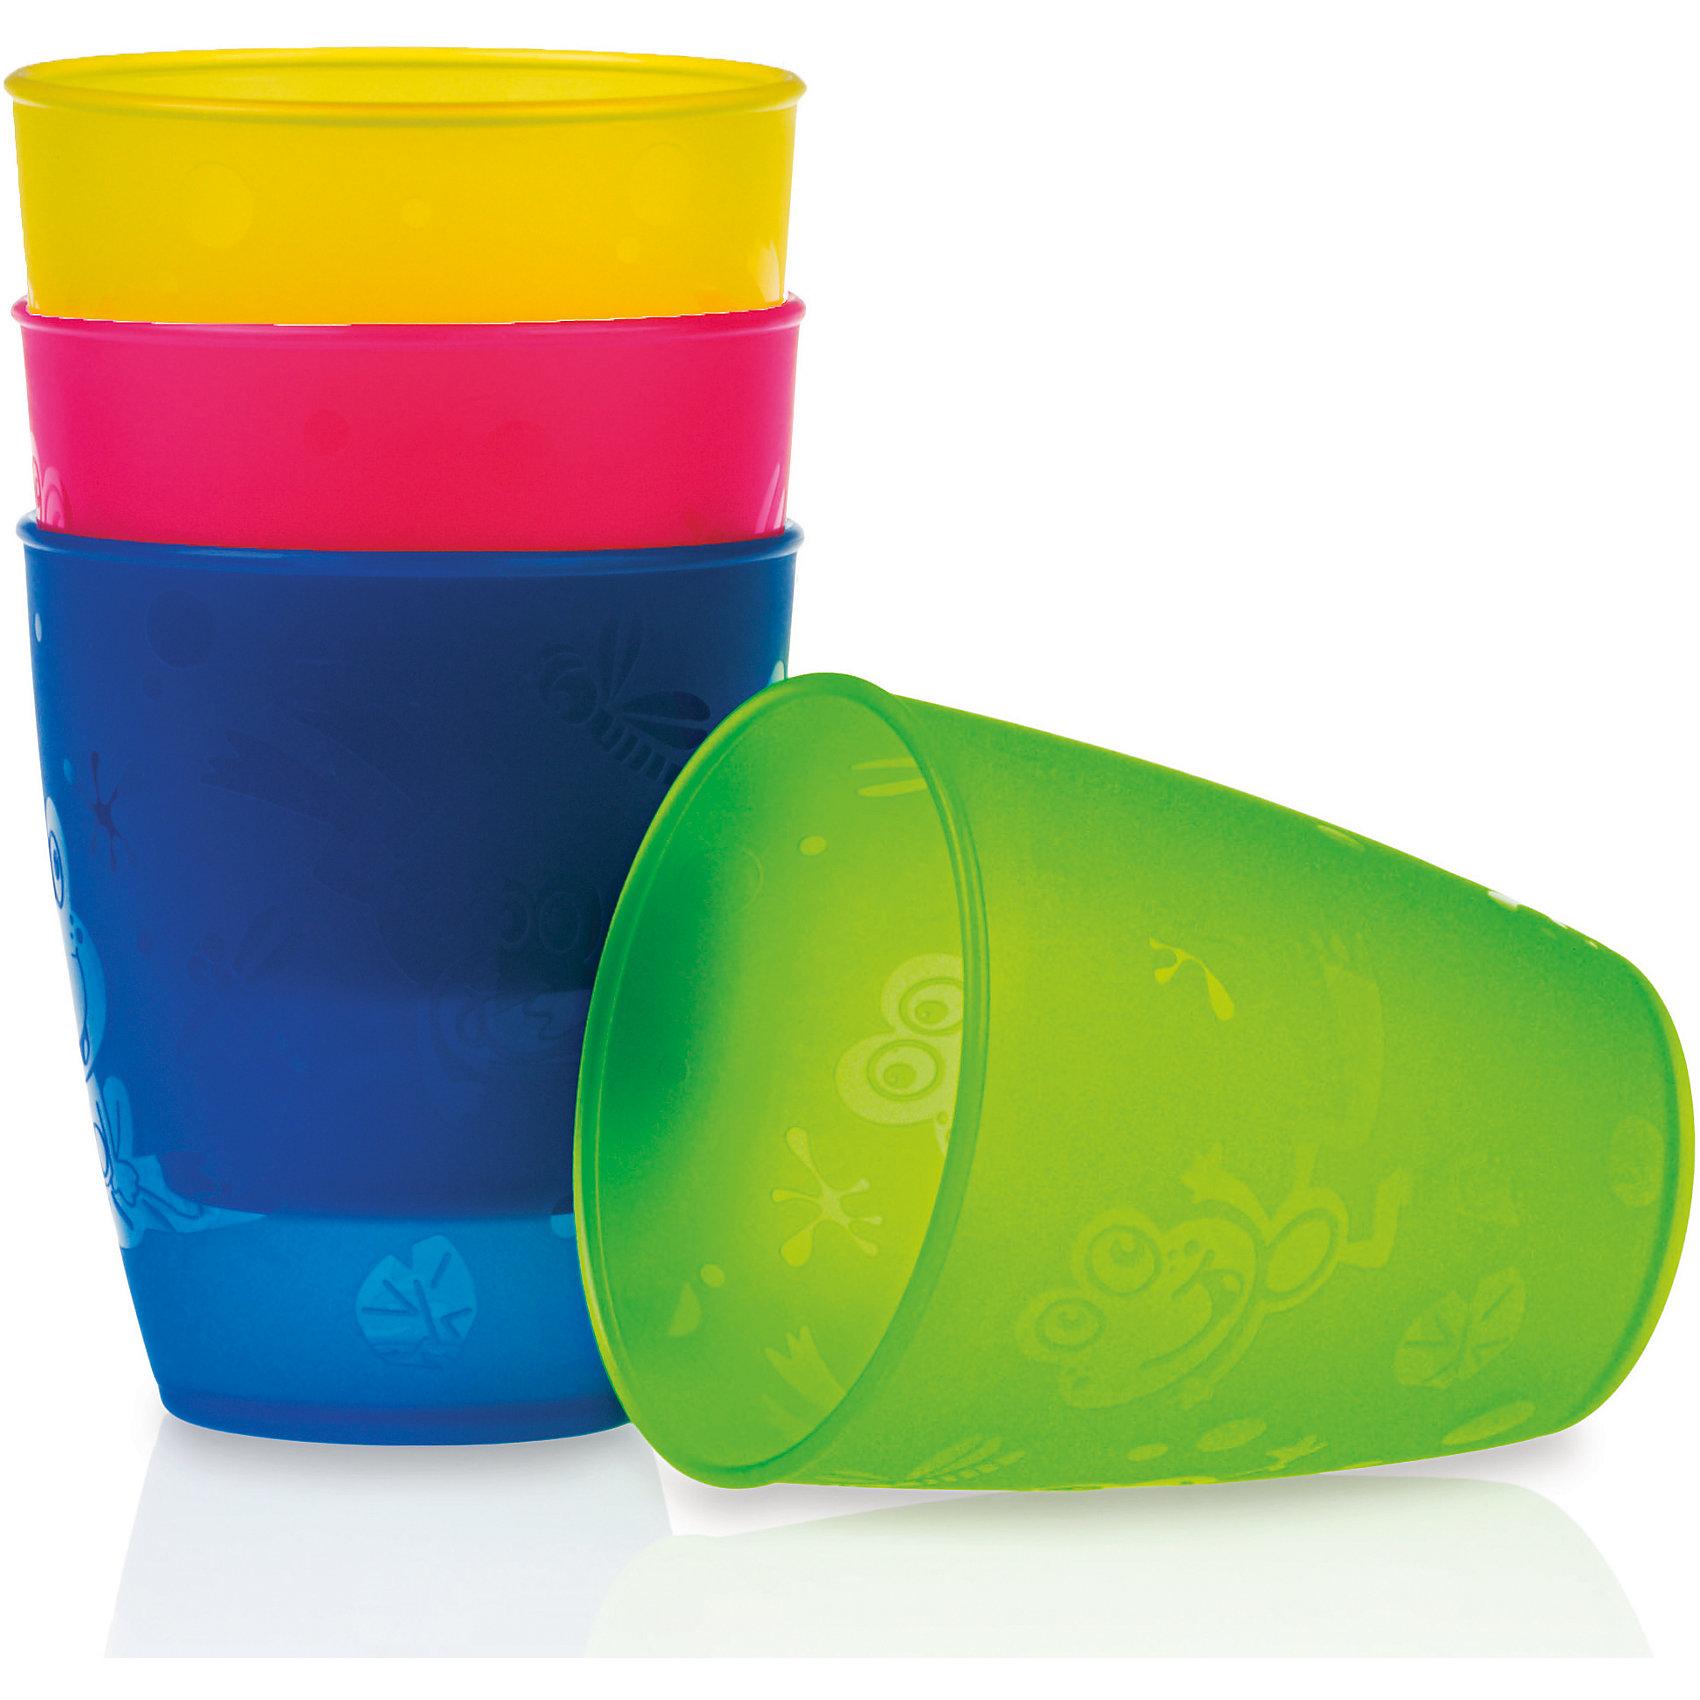 Набор стаканов, 300 мл., 4 шт., NubyПосуда для малышей<br>Набор разноцветных стаканов. <br>Яркие и разноцветные стаканчики, приучат Вашего малыша к взрослой посуде. Помогут Вам устроить праздник для Вашего ребенка, когда к нему придут друзья.<br><br>В набор входят 4 стаканчика разных цветов (желтый, зеленый, синий, розовый)<br><br>Полипропиленовые, крепкие и многоразовые.<br>Можно мыть в посудомоечной машине. <br><br>ИНСТРУКЦИИ ПО УХОДУ: Мыть вручную в теплой воде с мягким жидким мылом и затем тщательно промывать под водой, либо мыть в посудомоечной машине (ТОЛЬКО НА ВЕРХНЕЙ ПОЛКЕ).<br><br>ПРЕДУПРЕЖДЕНИЕ: Никогда не оставляйте ребенка без внимания во время использования им этого или иного детского изделия. Всегда проверяйте температуру пищи перед тем, как кормить ребенка.<br><br>Изделие изготовлено из безопасных, долговечных, нетоксичных материалов. Сертифицировано в России. Соответствует всем требованиям ГОСТ и СанПиН.<br><br>Ширина мм: 228<br>Глубина мм: 88<br>Высота мм: 88<br>Вес г: 118<br>Цвет: mehrfarbig<br>Возраст от месяцев: 18<br>Возраст до месяцев: 72<br>Пол: Унисекс<br>Возраст: Детский<br>SKU: 2274394